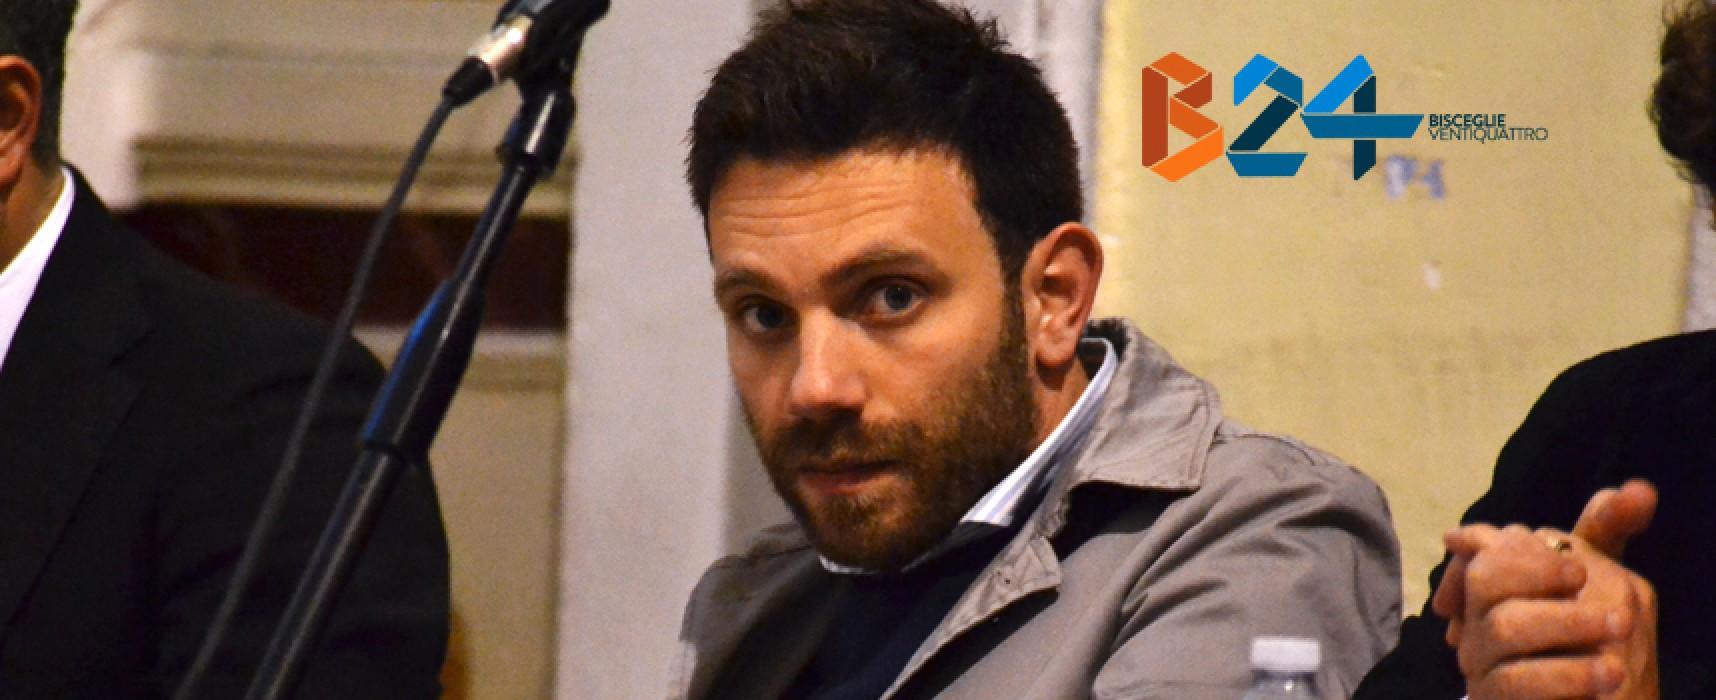 Politica: si è dimesso il consigliere Storelli (Il Torrione), gli subentra Massimo Mastrapasqua